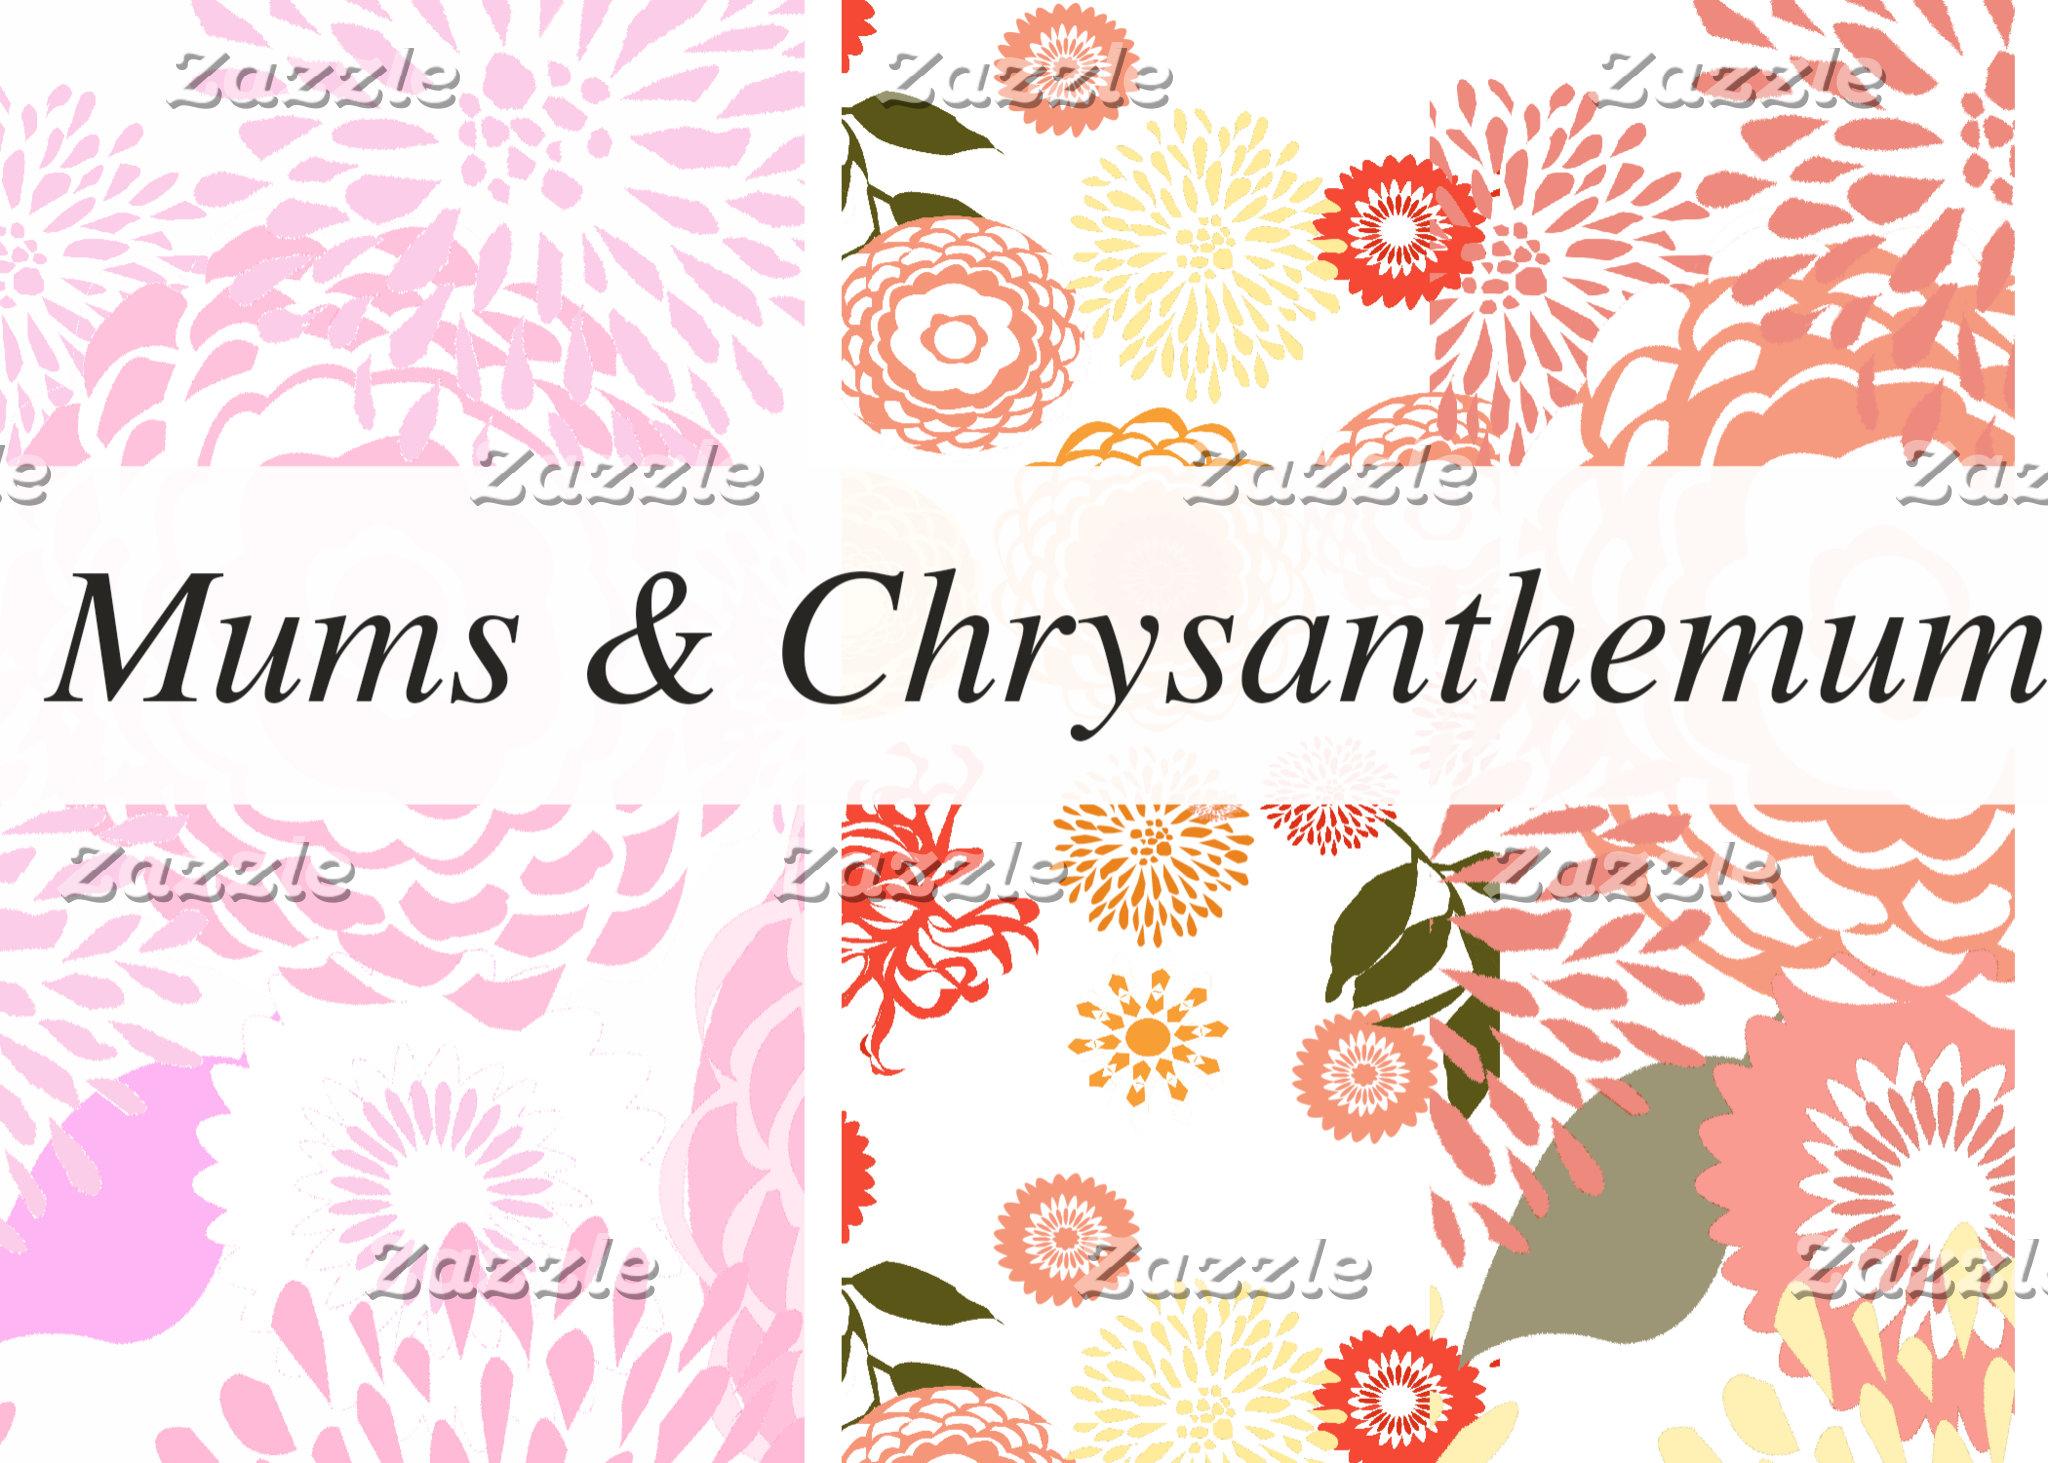 Chrysanthemum & Mums